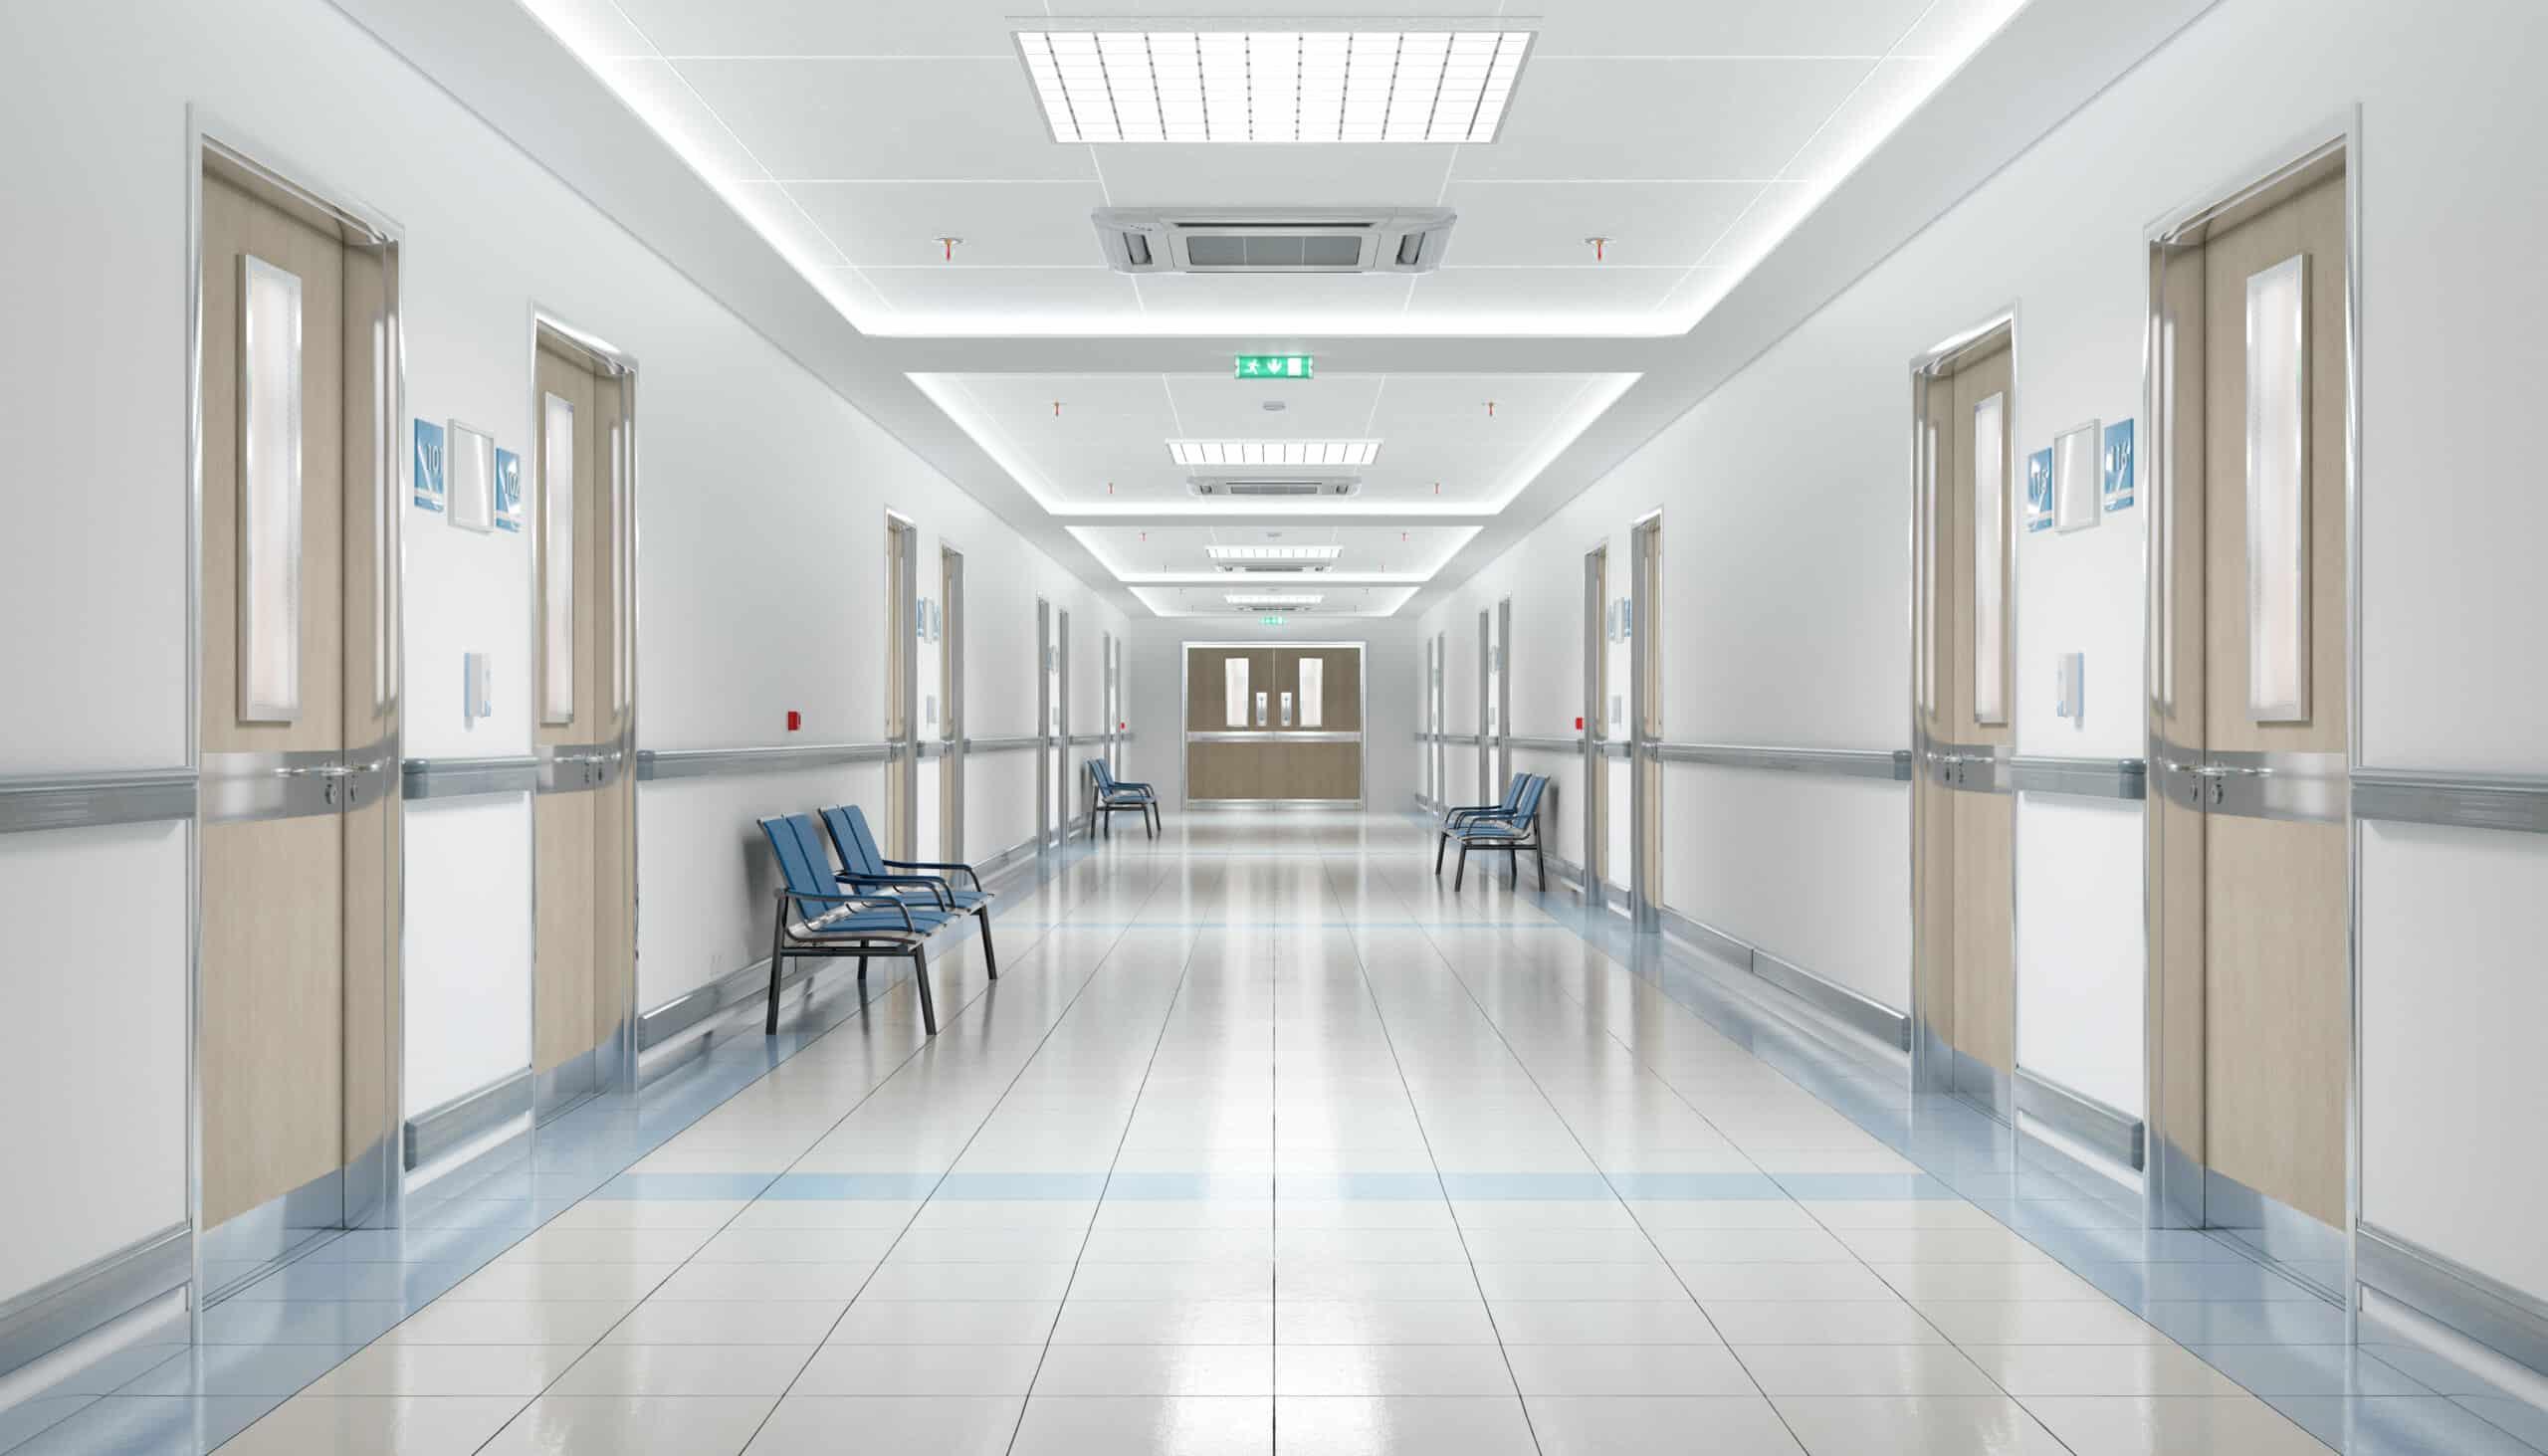 legionella strutture sanitarie